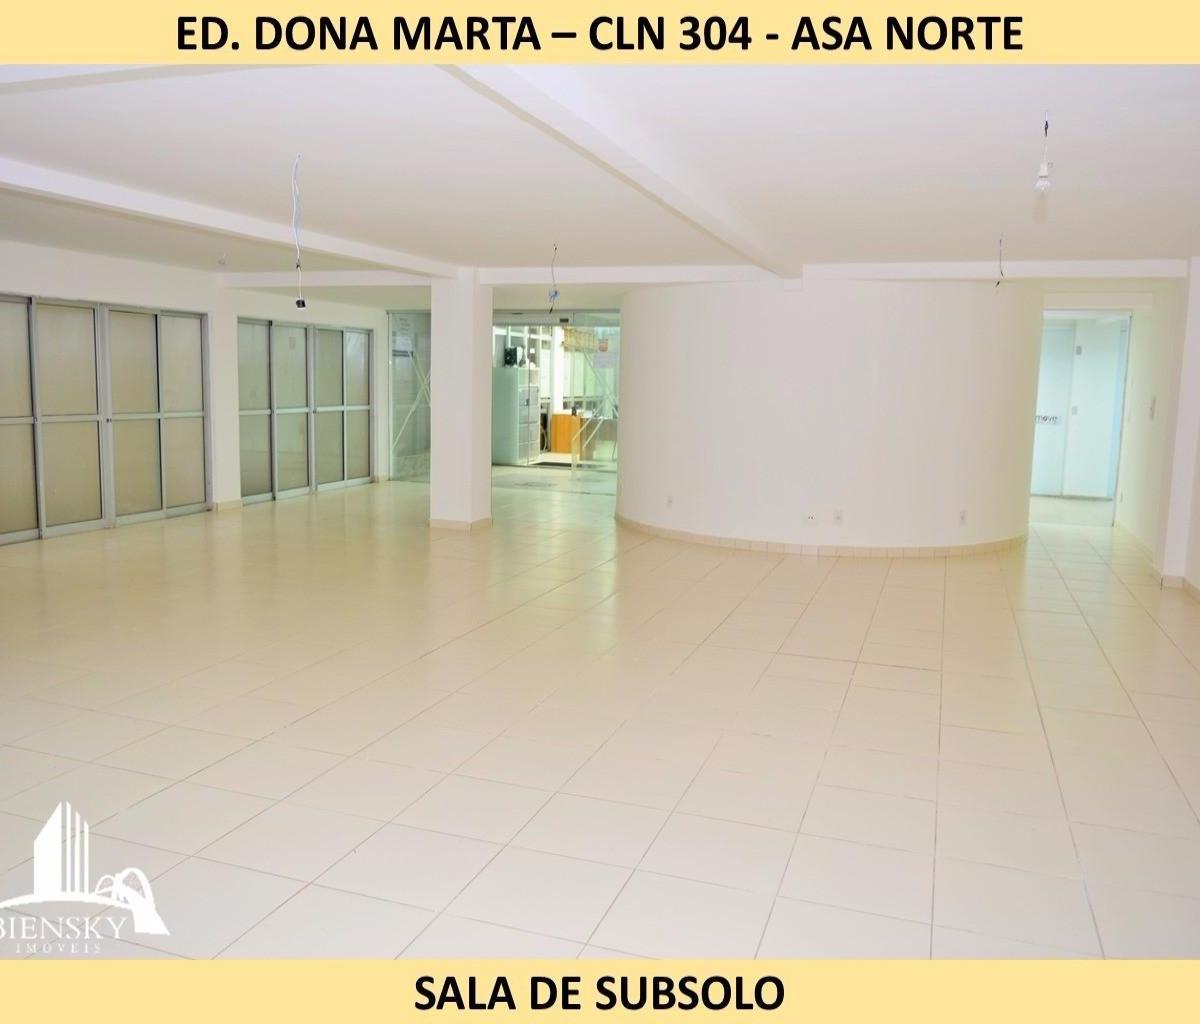 Imagens de #A67725 Comercial para aluguel com 0 Asa Norte Brasília R$ 3.128 ID  1200x1024 px 3560 Blindex Banheiro Asa Norte